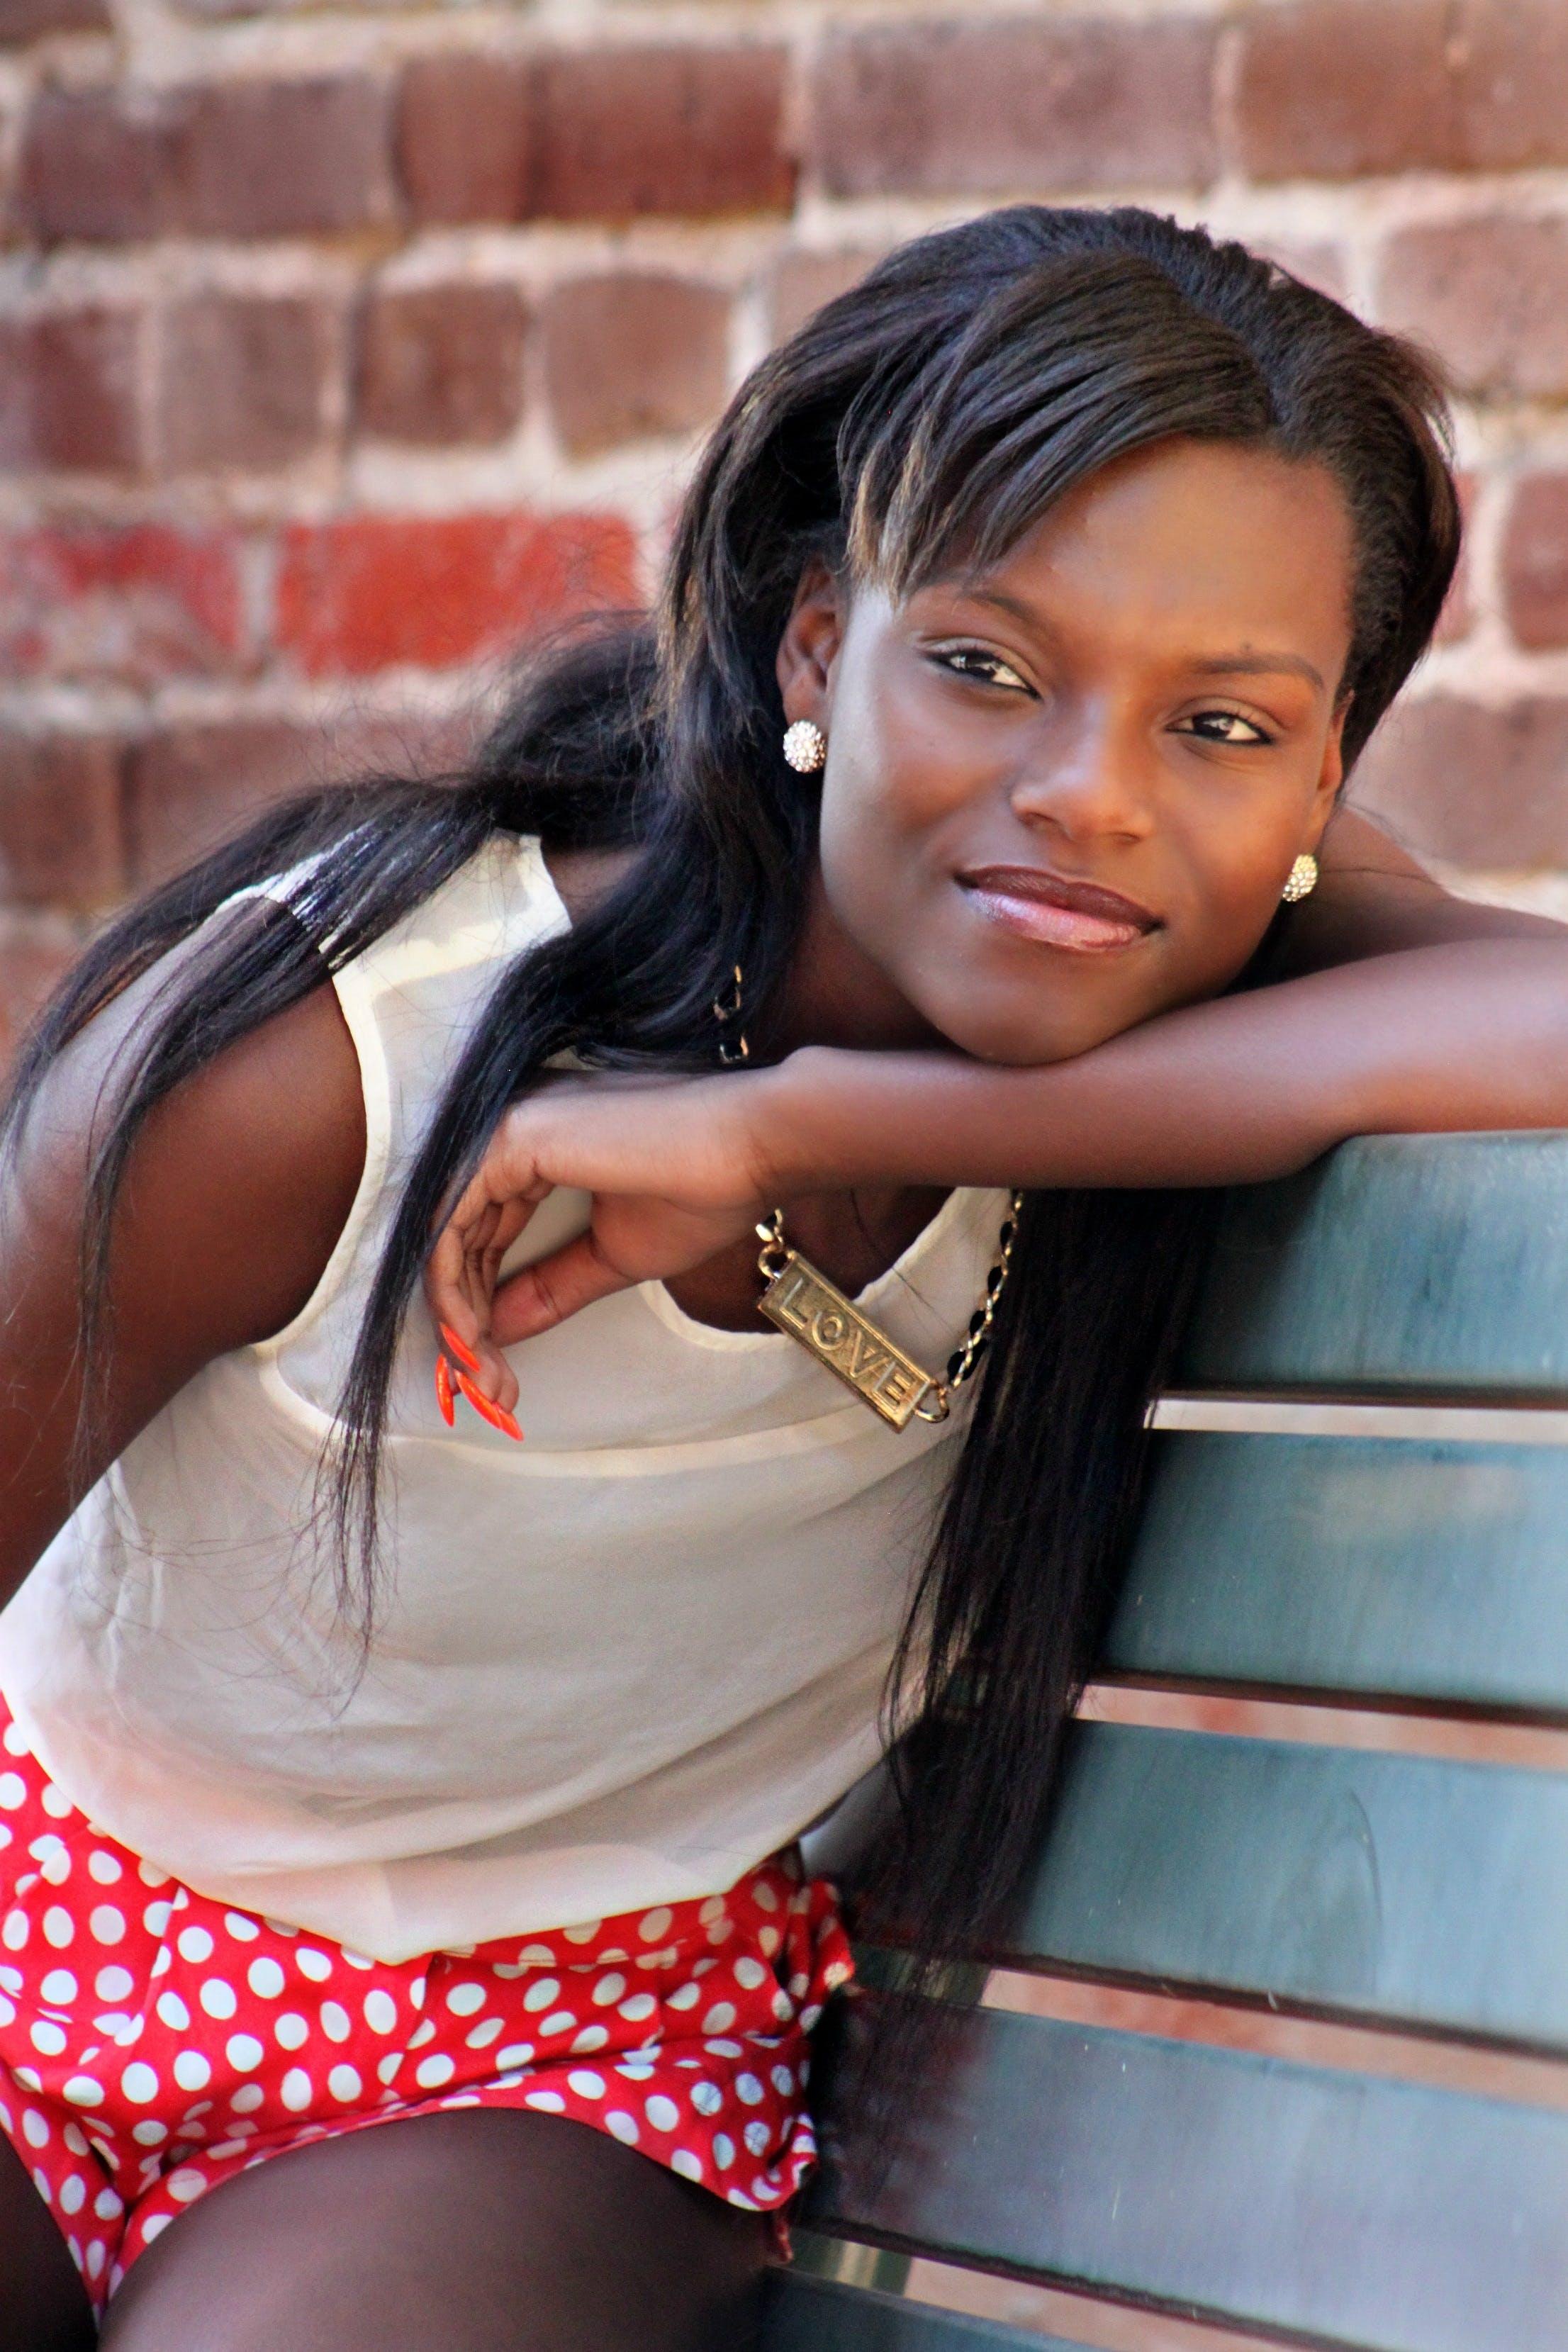 アフリカ系アメリカ人女性, モデル, 人, 女性の無料の写真素材